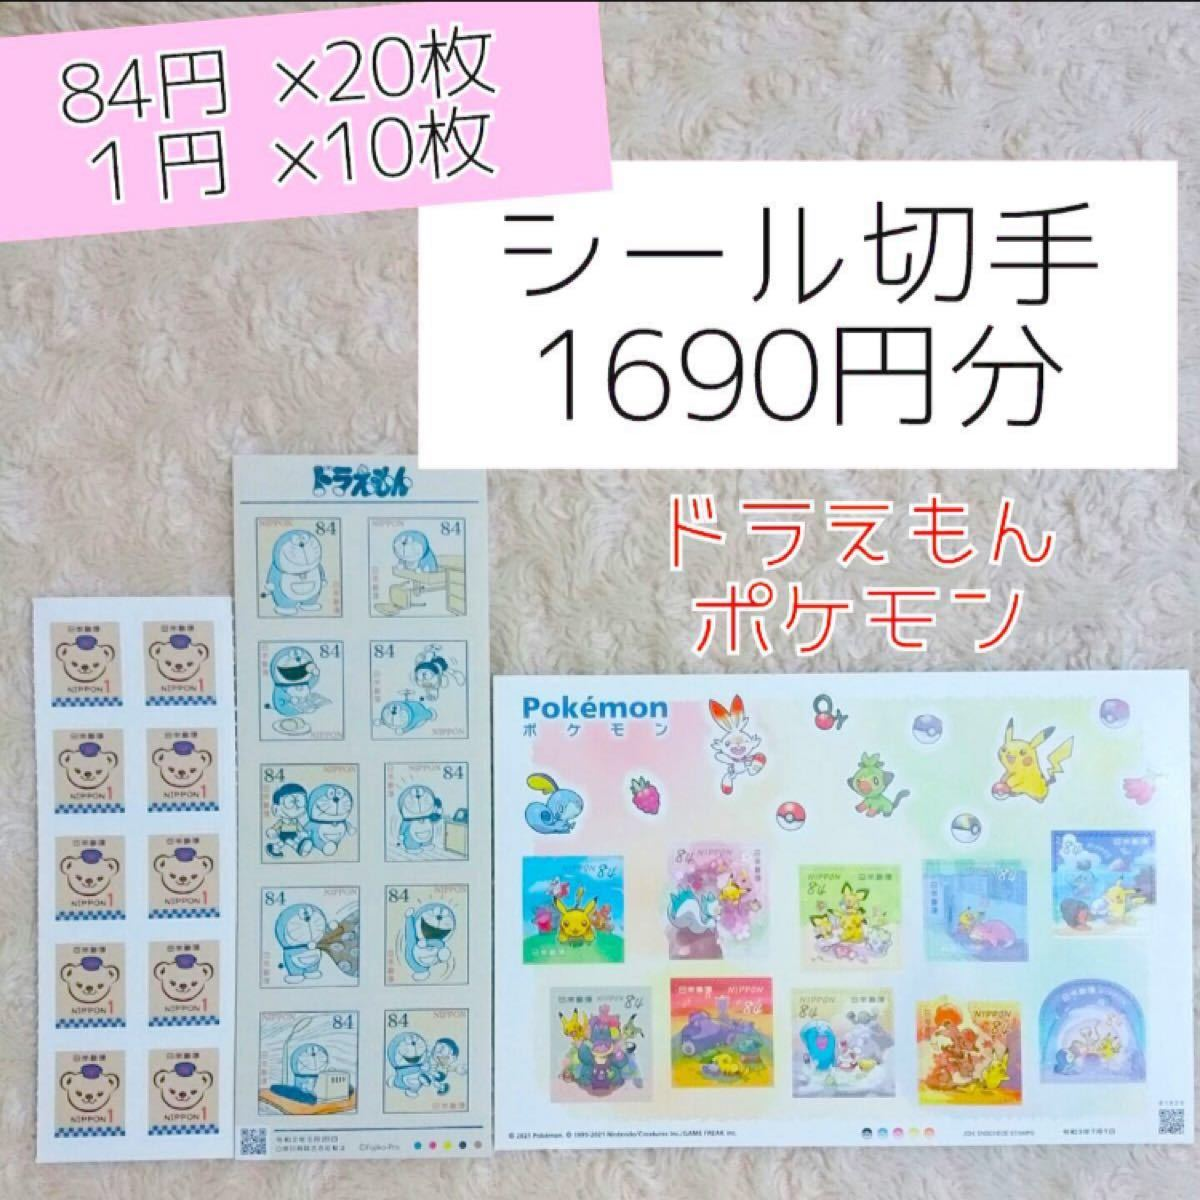 切手シール シール切手 84円 キャラクター 切手 シール ドラえもん ポケモン 切手シート グリーティング